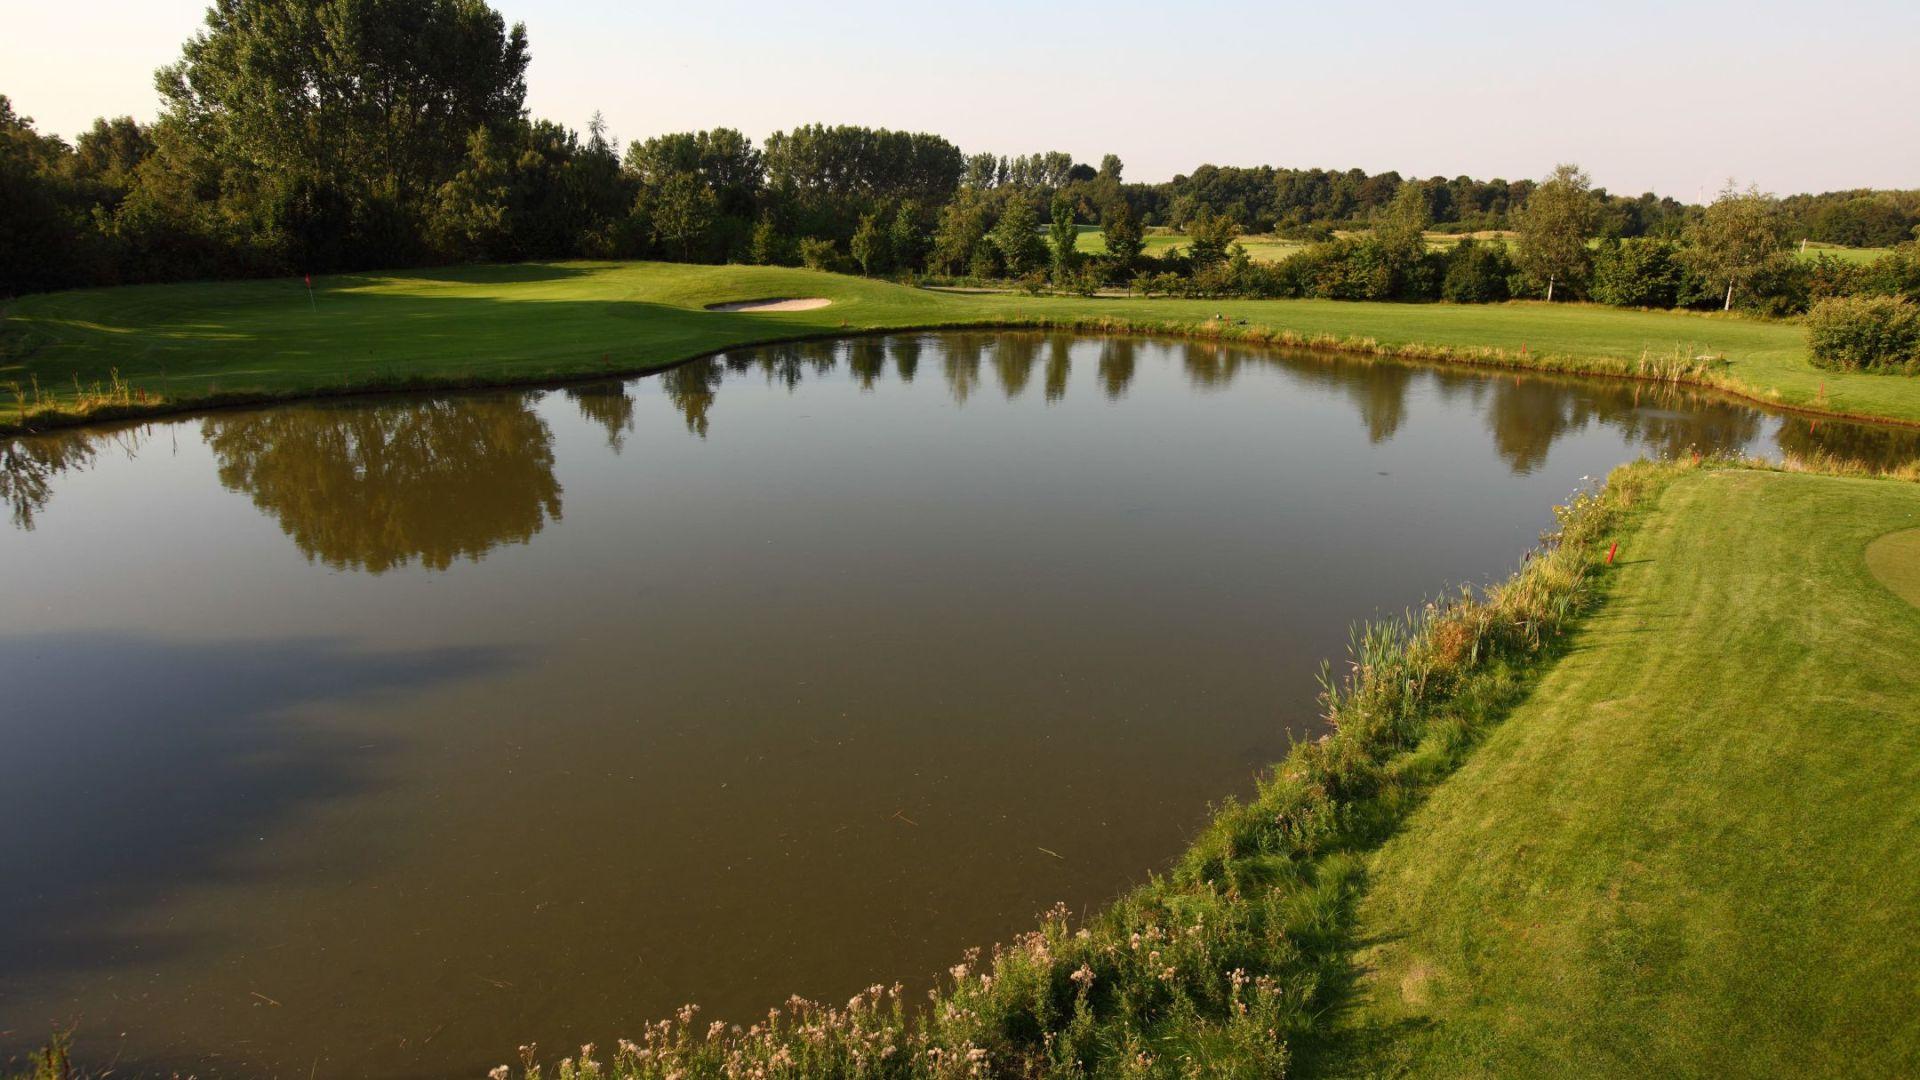 Golfplatz in Oberhausen